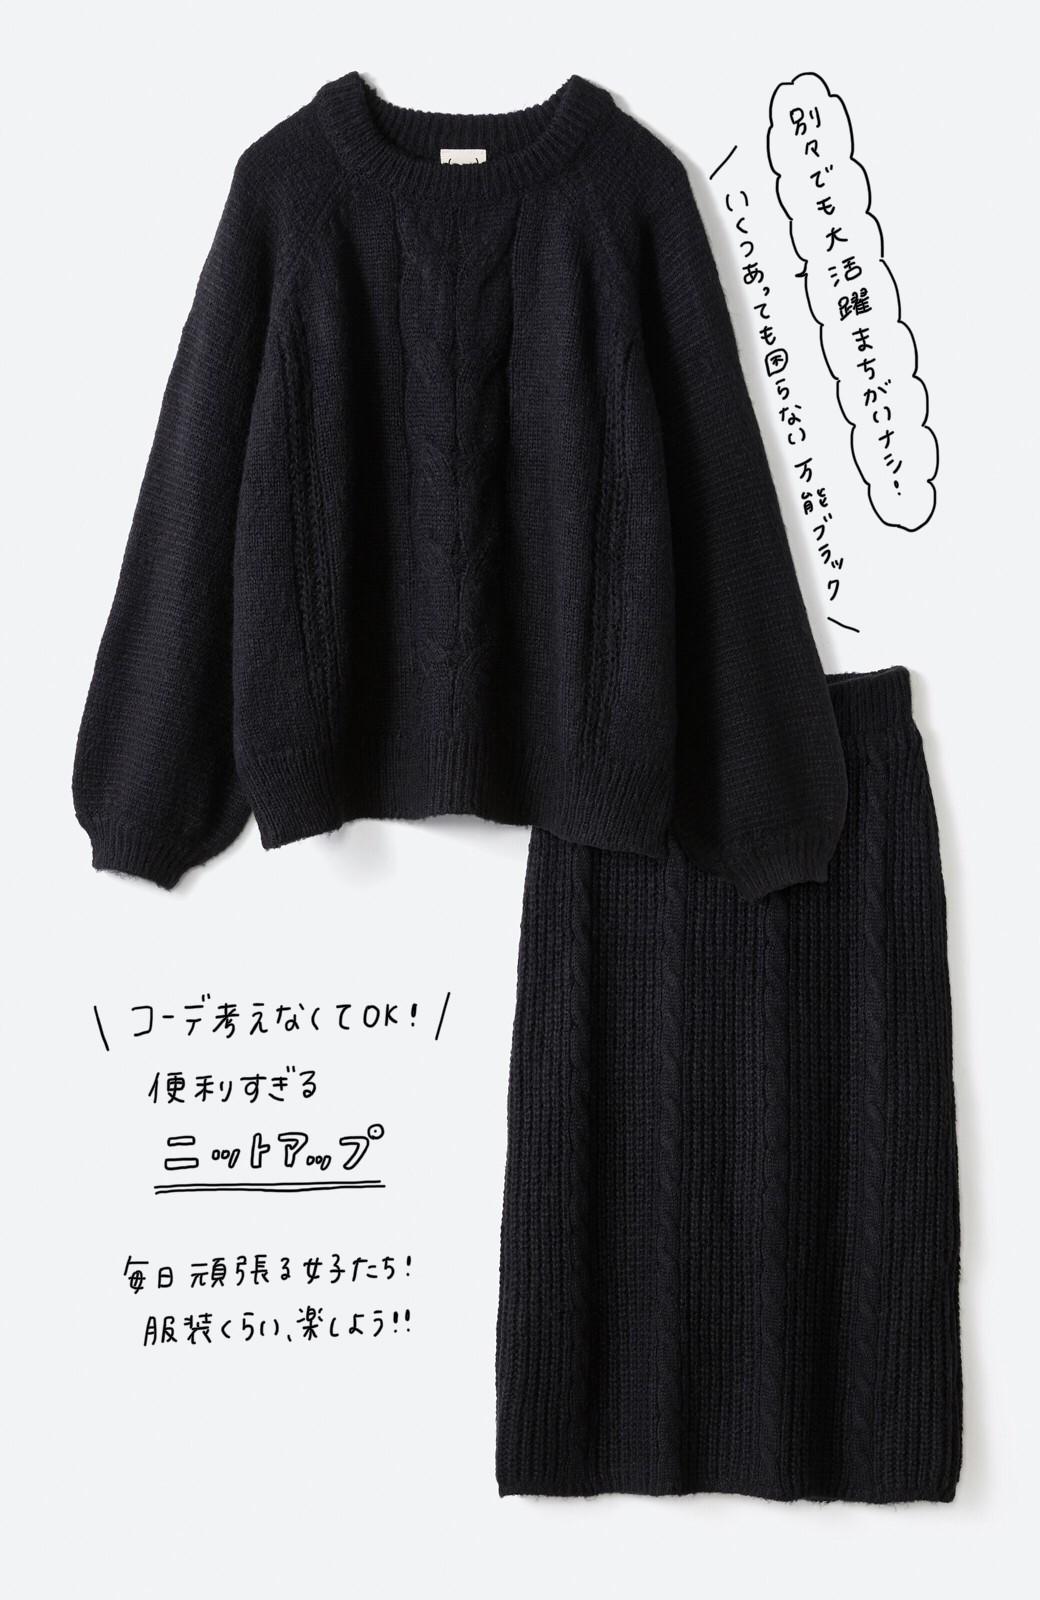 haco! しまった!寝坊した!ってときにも安心なケーブル編みがかわいいニットアップ <ブラック>の商品写真1